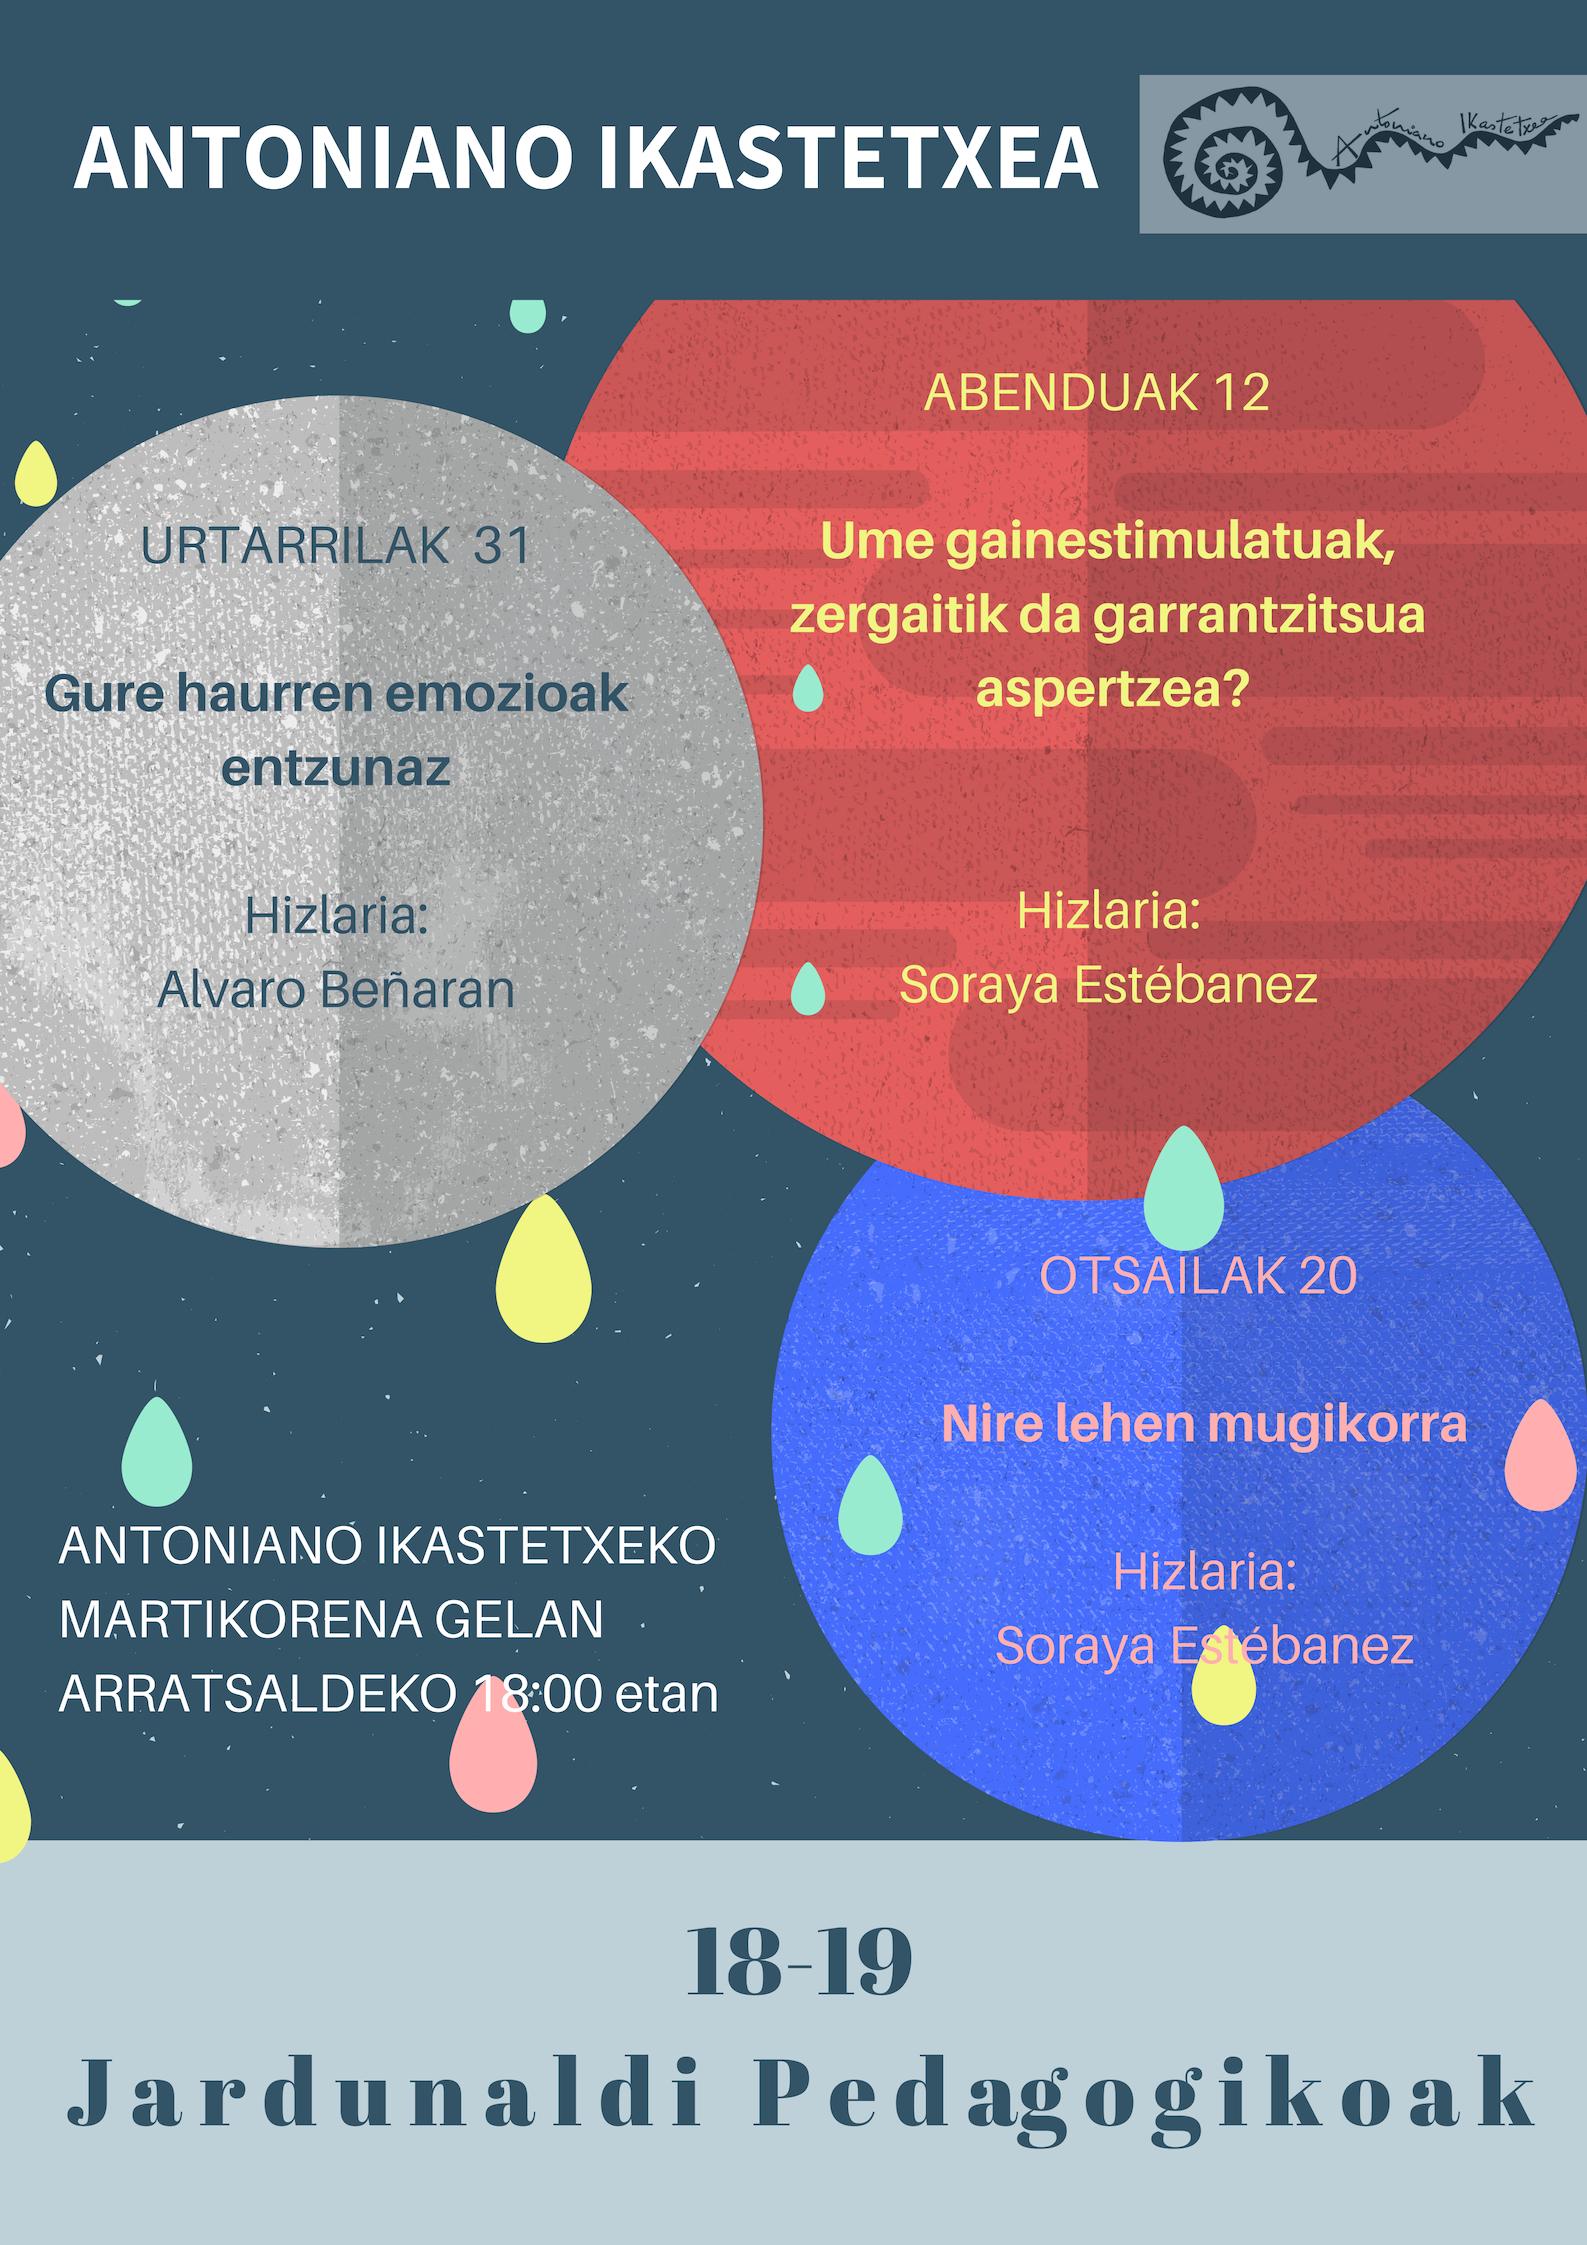 JARDUNALDI PEDAGOGIKOAK 2018-2019